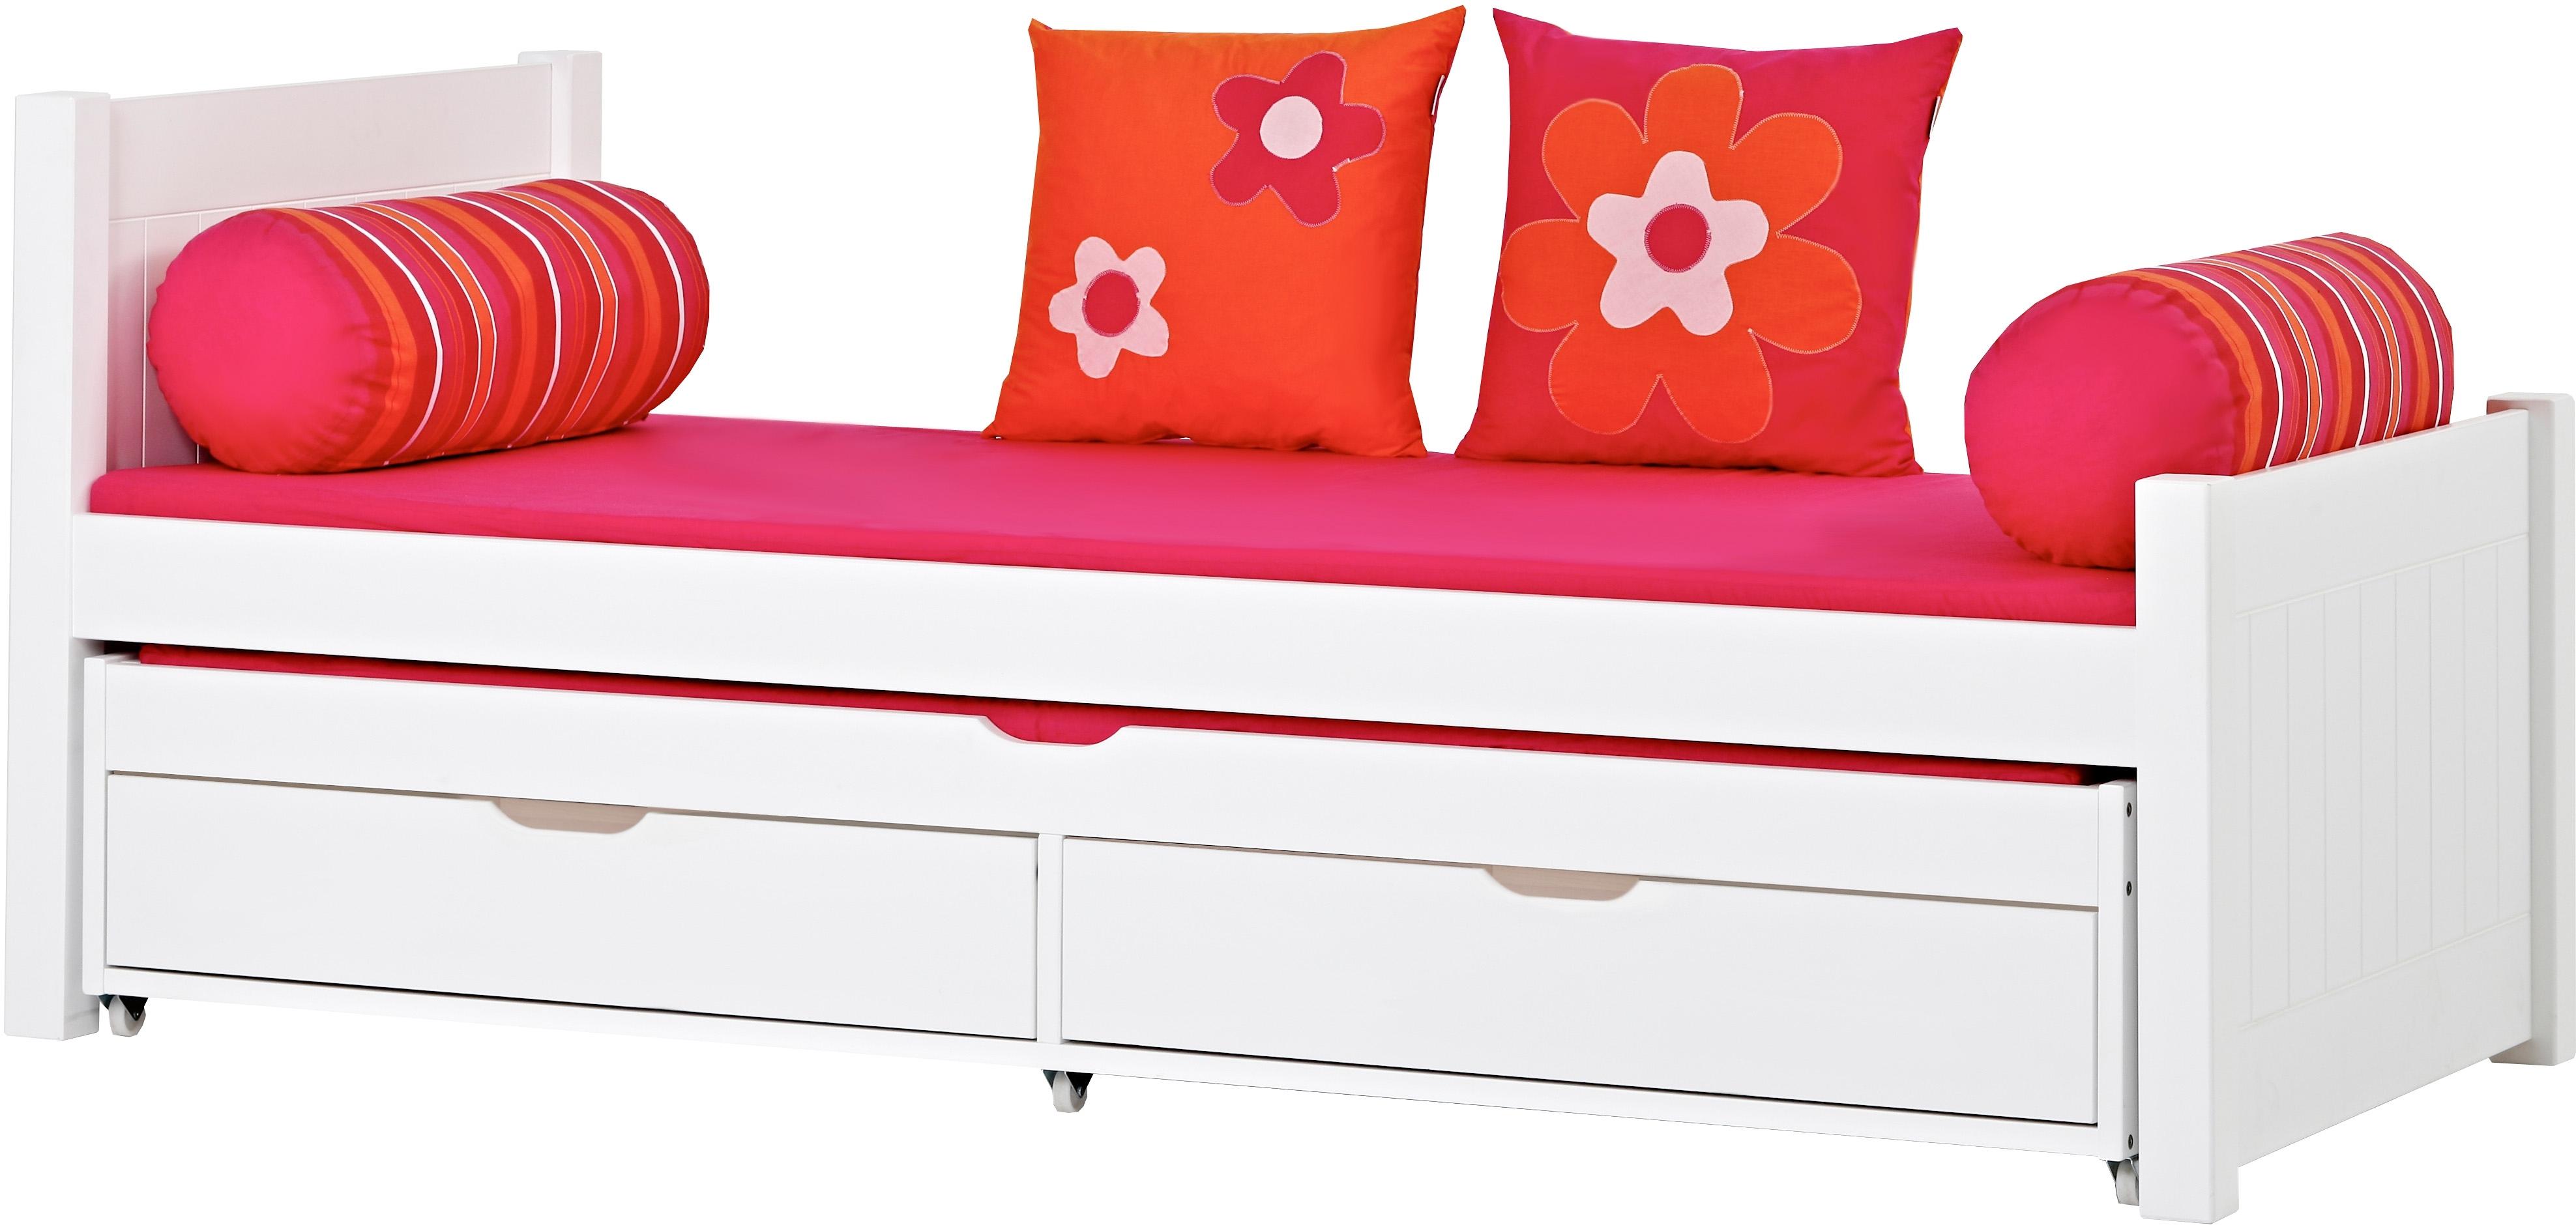 kinderbedden met bedlades online kopen bekijk nu onze collectie otto. Black Bedroom Furniture Sets. Home Design Ideas